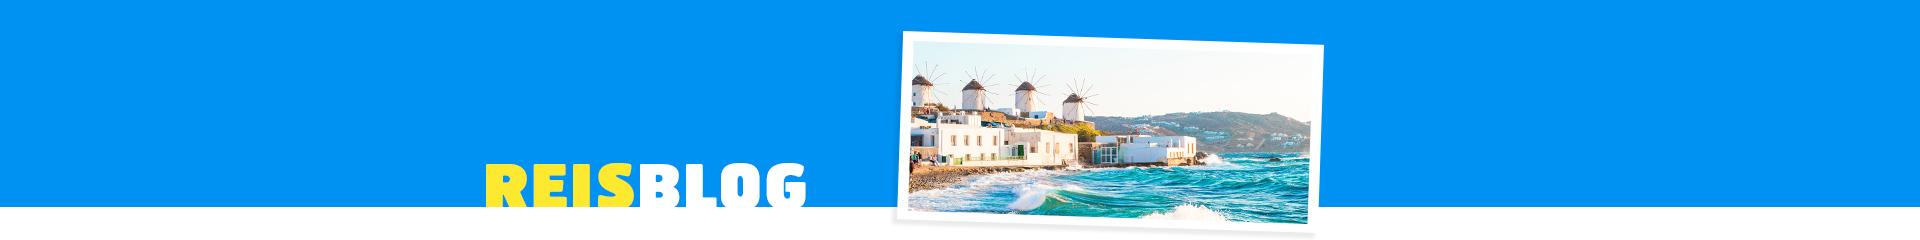 De zee van Mykonos met haar beroemde molens op de achtergrond